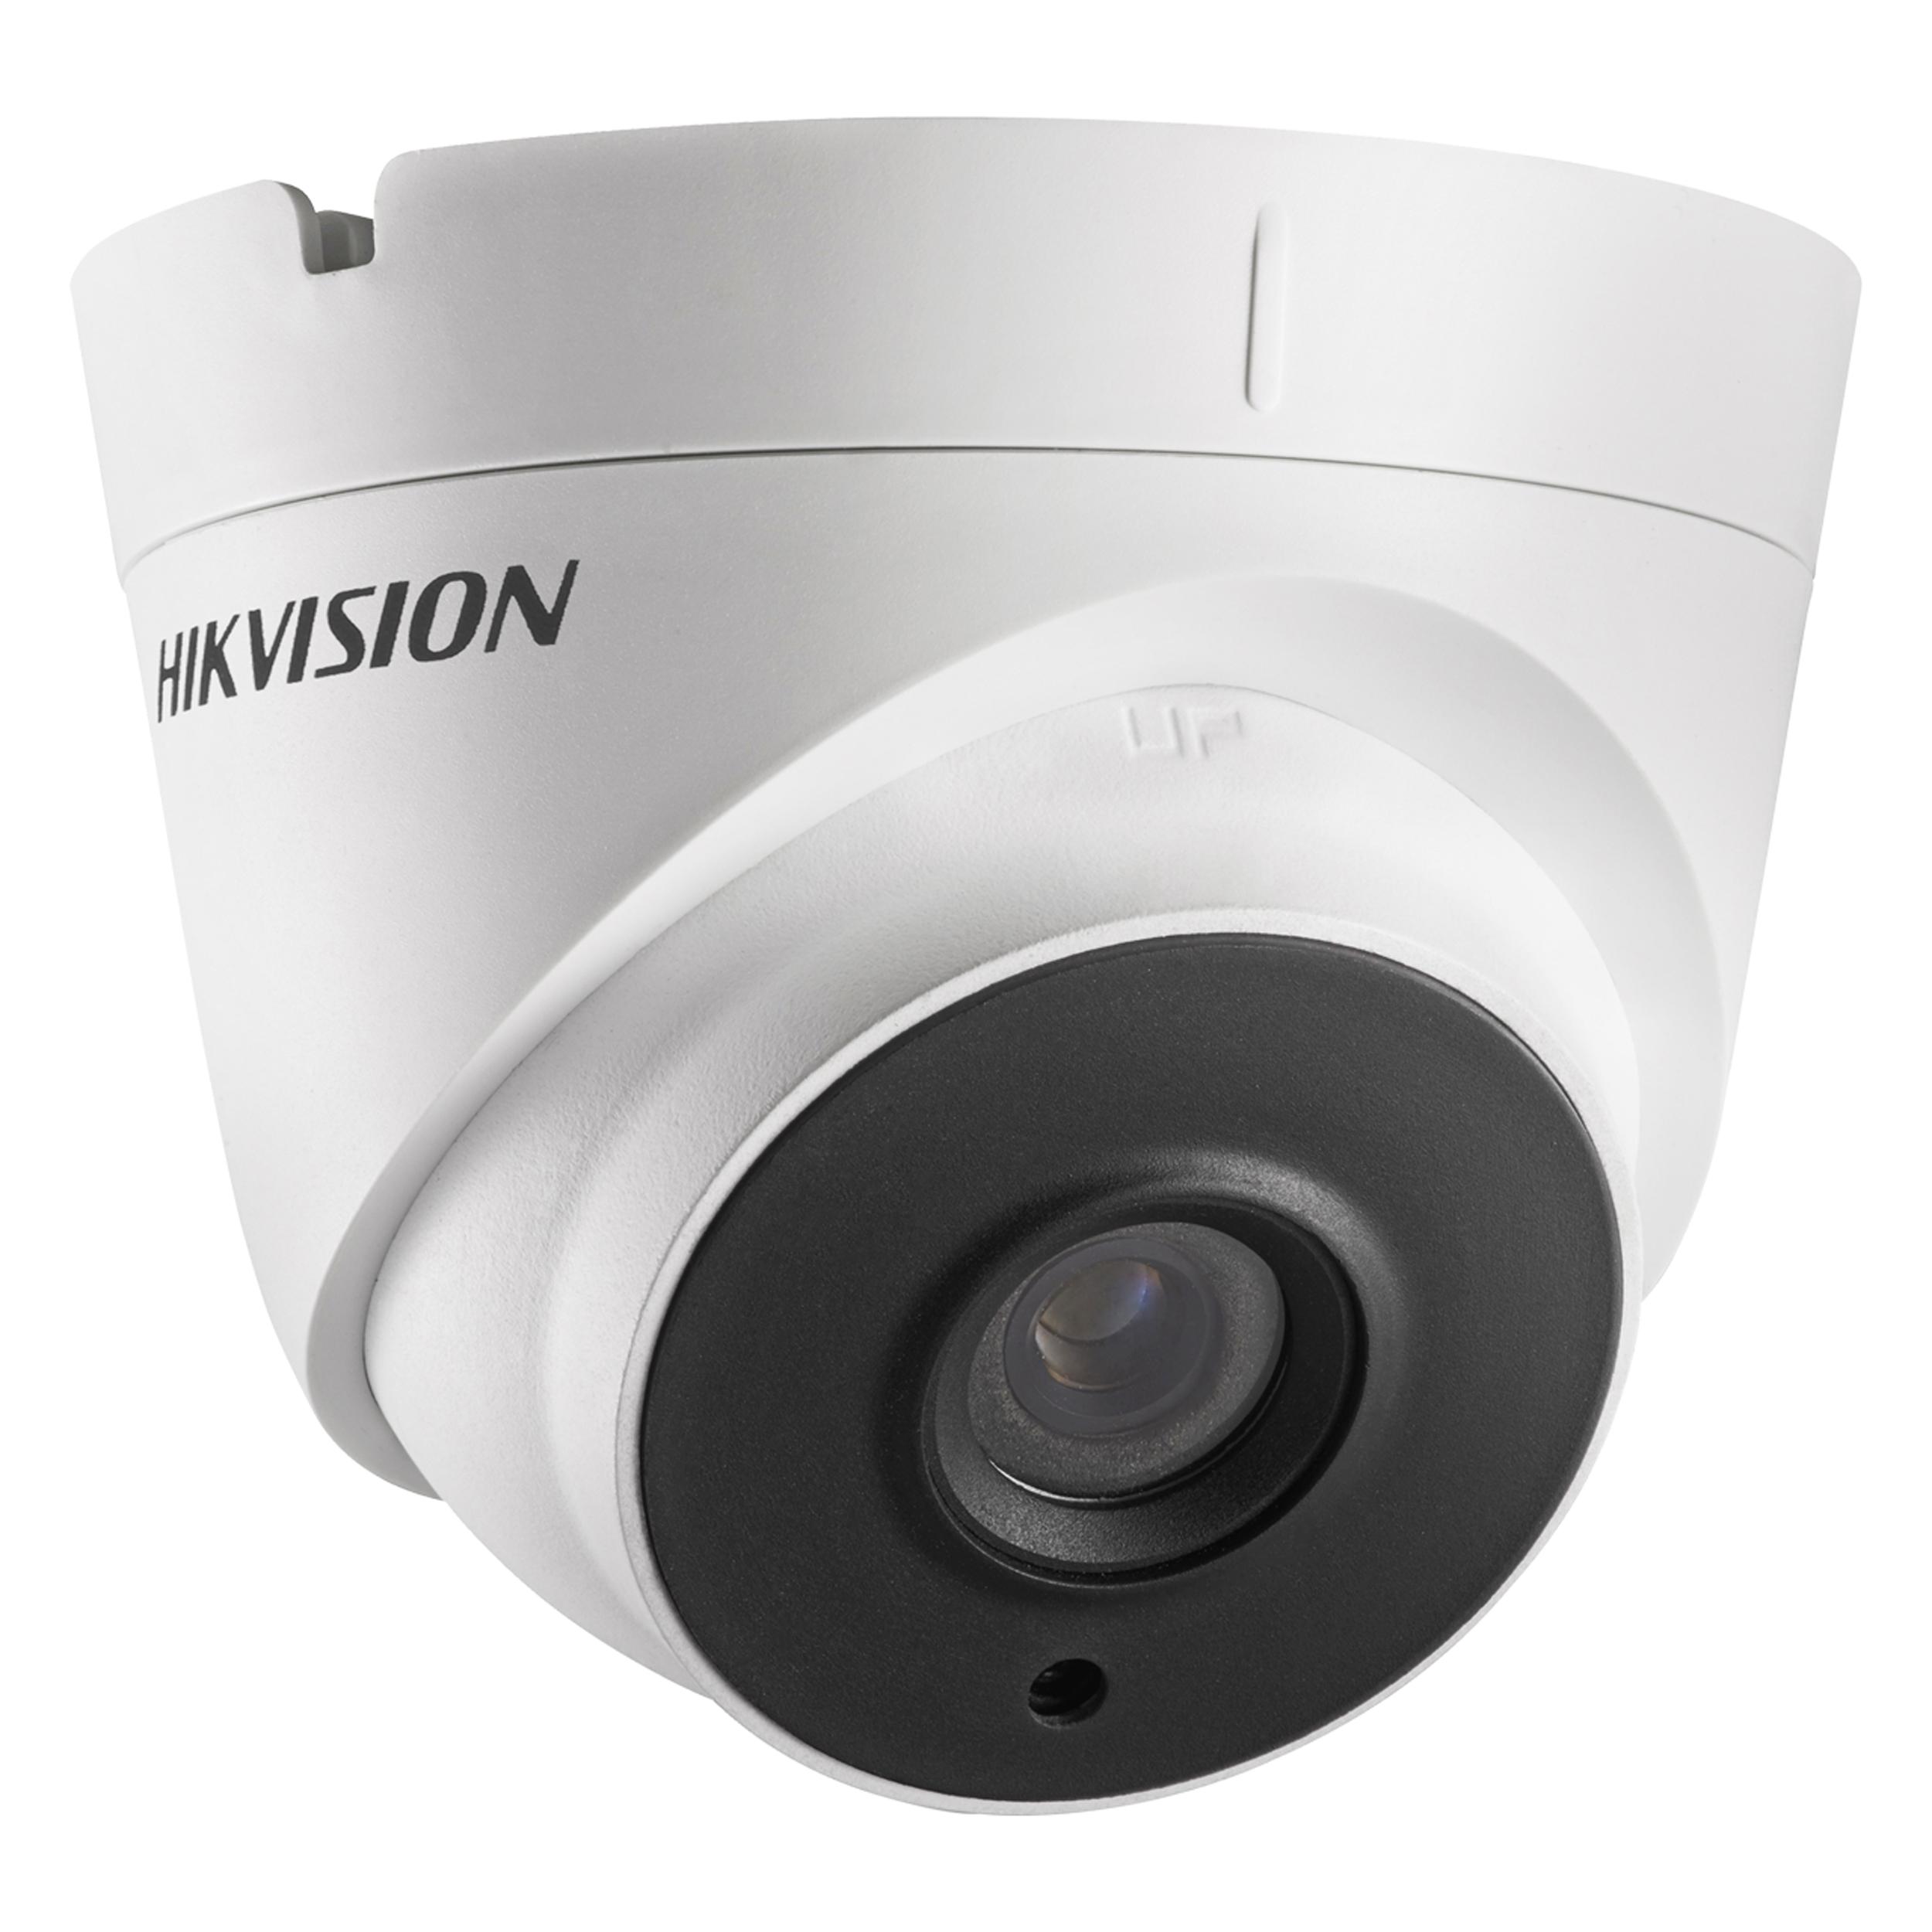 دوربین مداربسته آنالوگ هایک ویژن مدل DS-2CE56D8T-IT1E